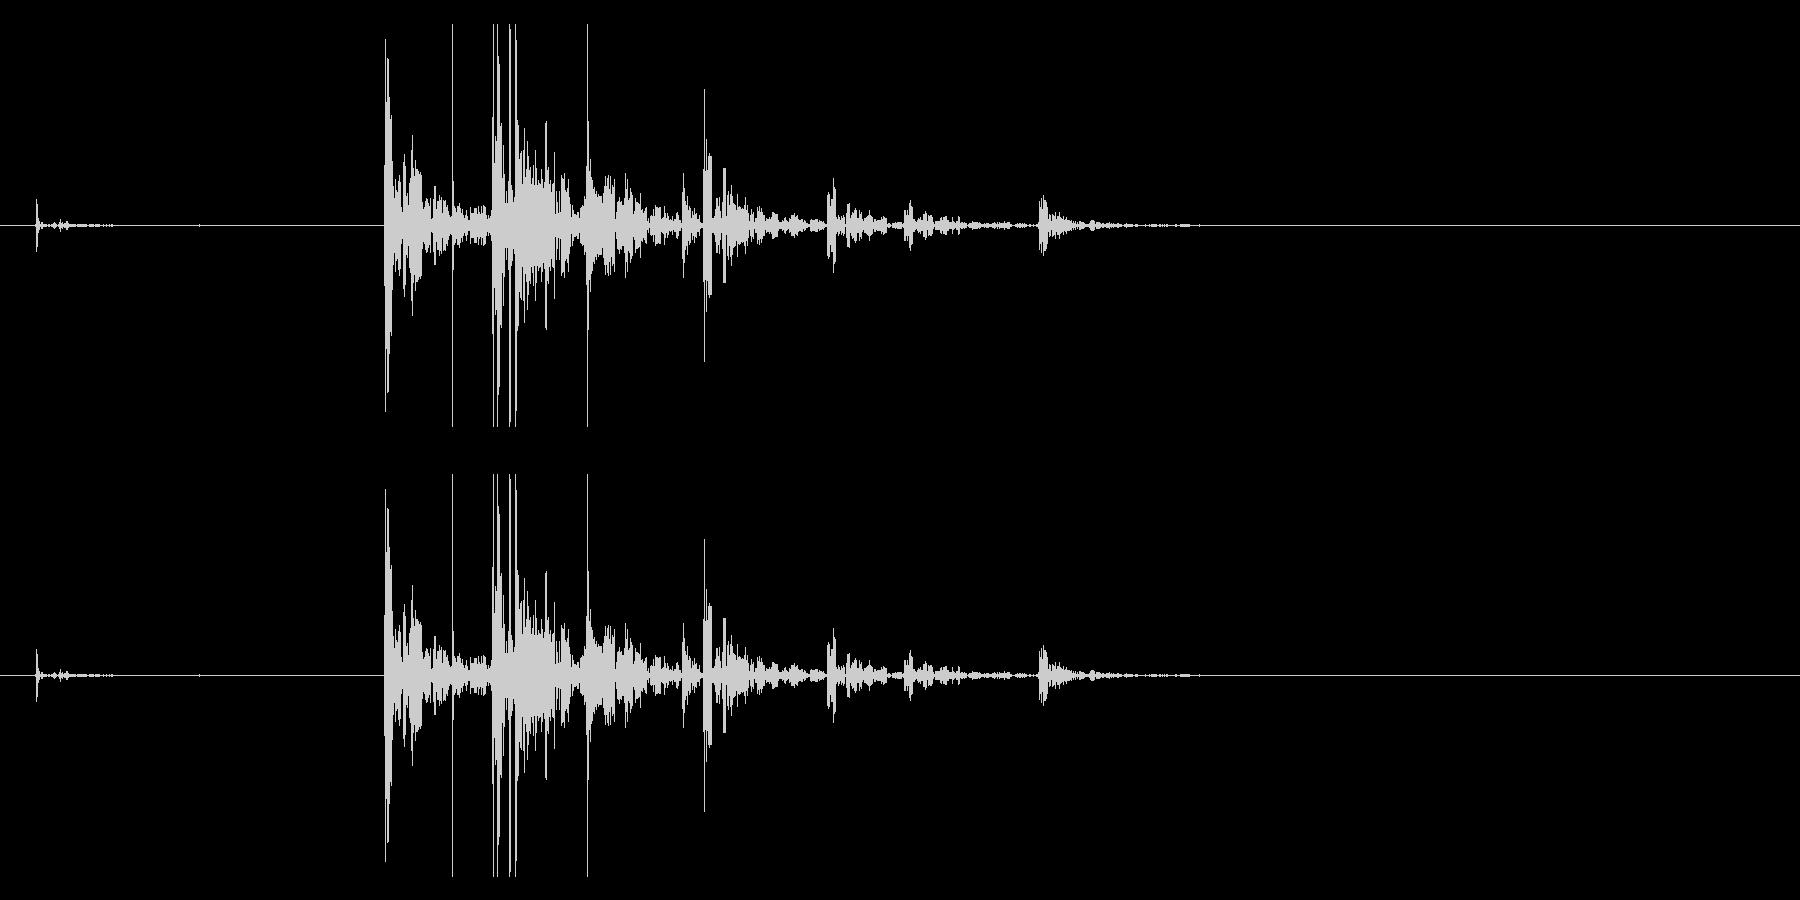 【生録音】サイコロを振る音 2の未再生の波形